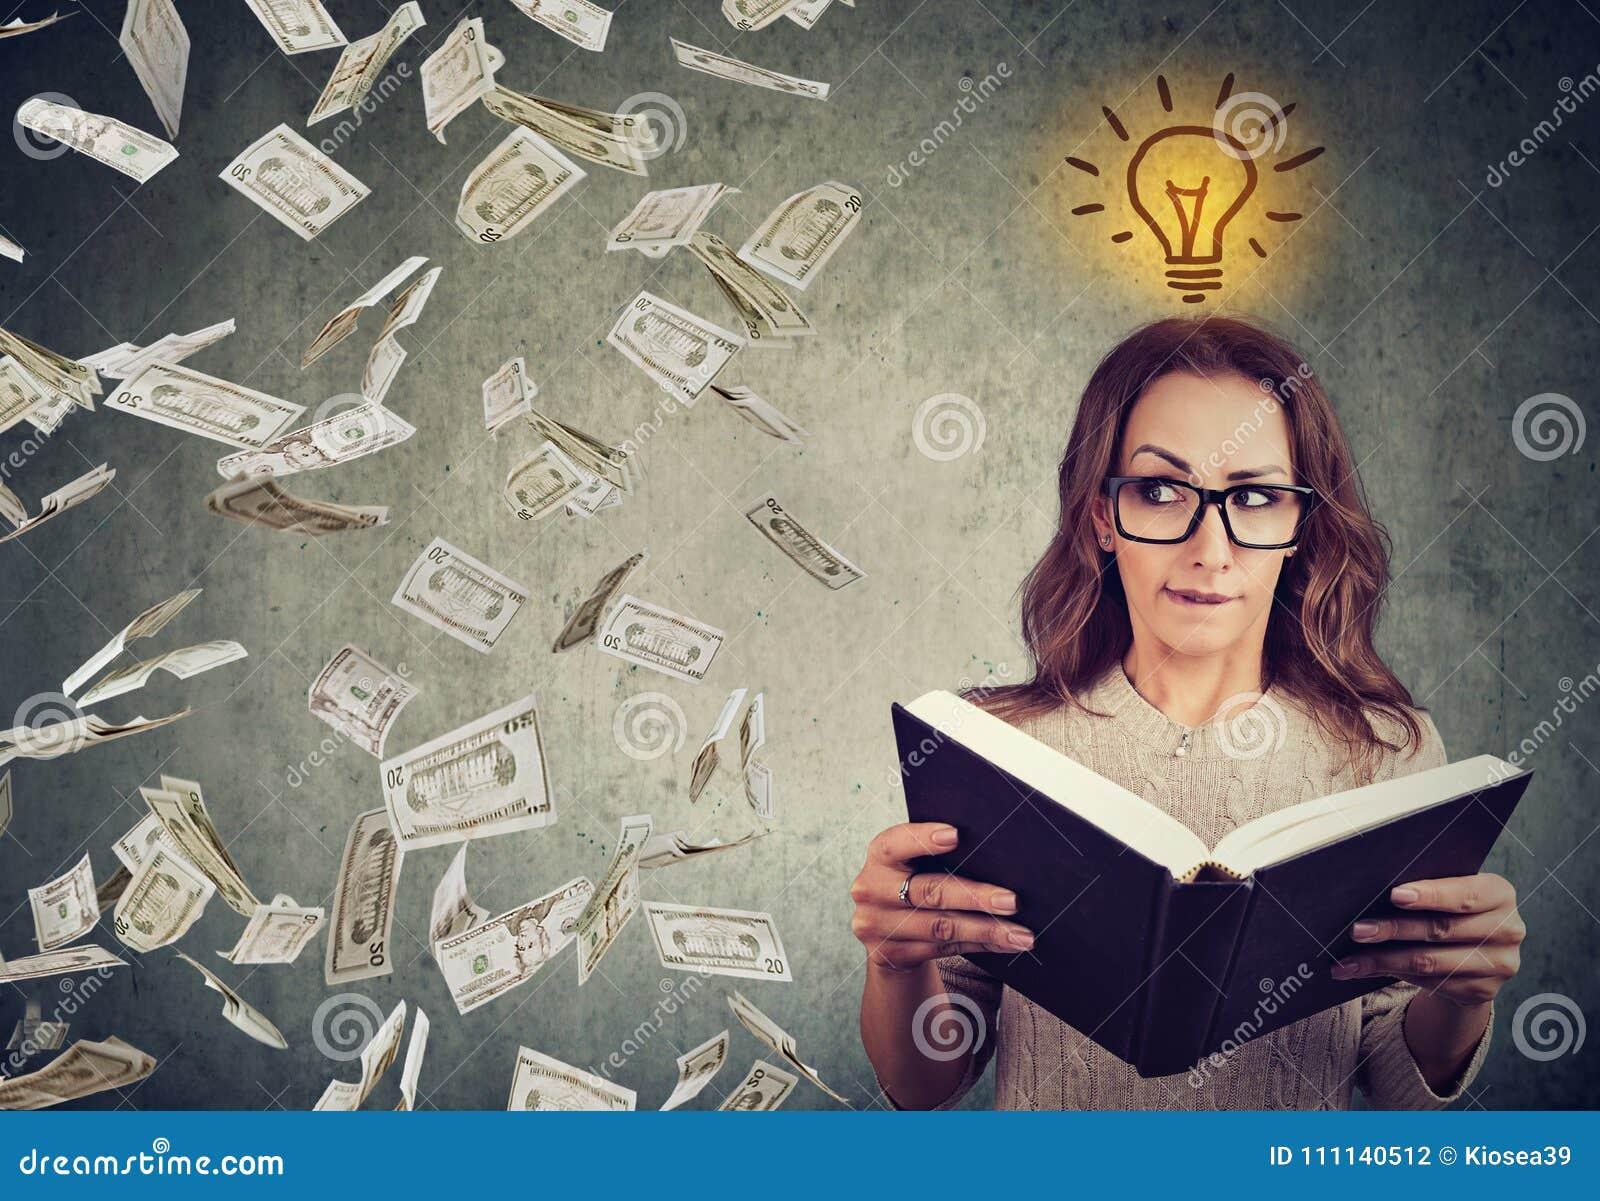 El estudiante que lee un libro tiene una idea brillante cómo ganar el dinero